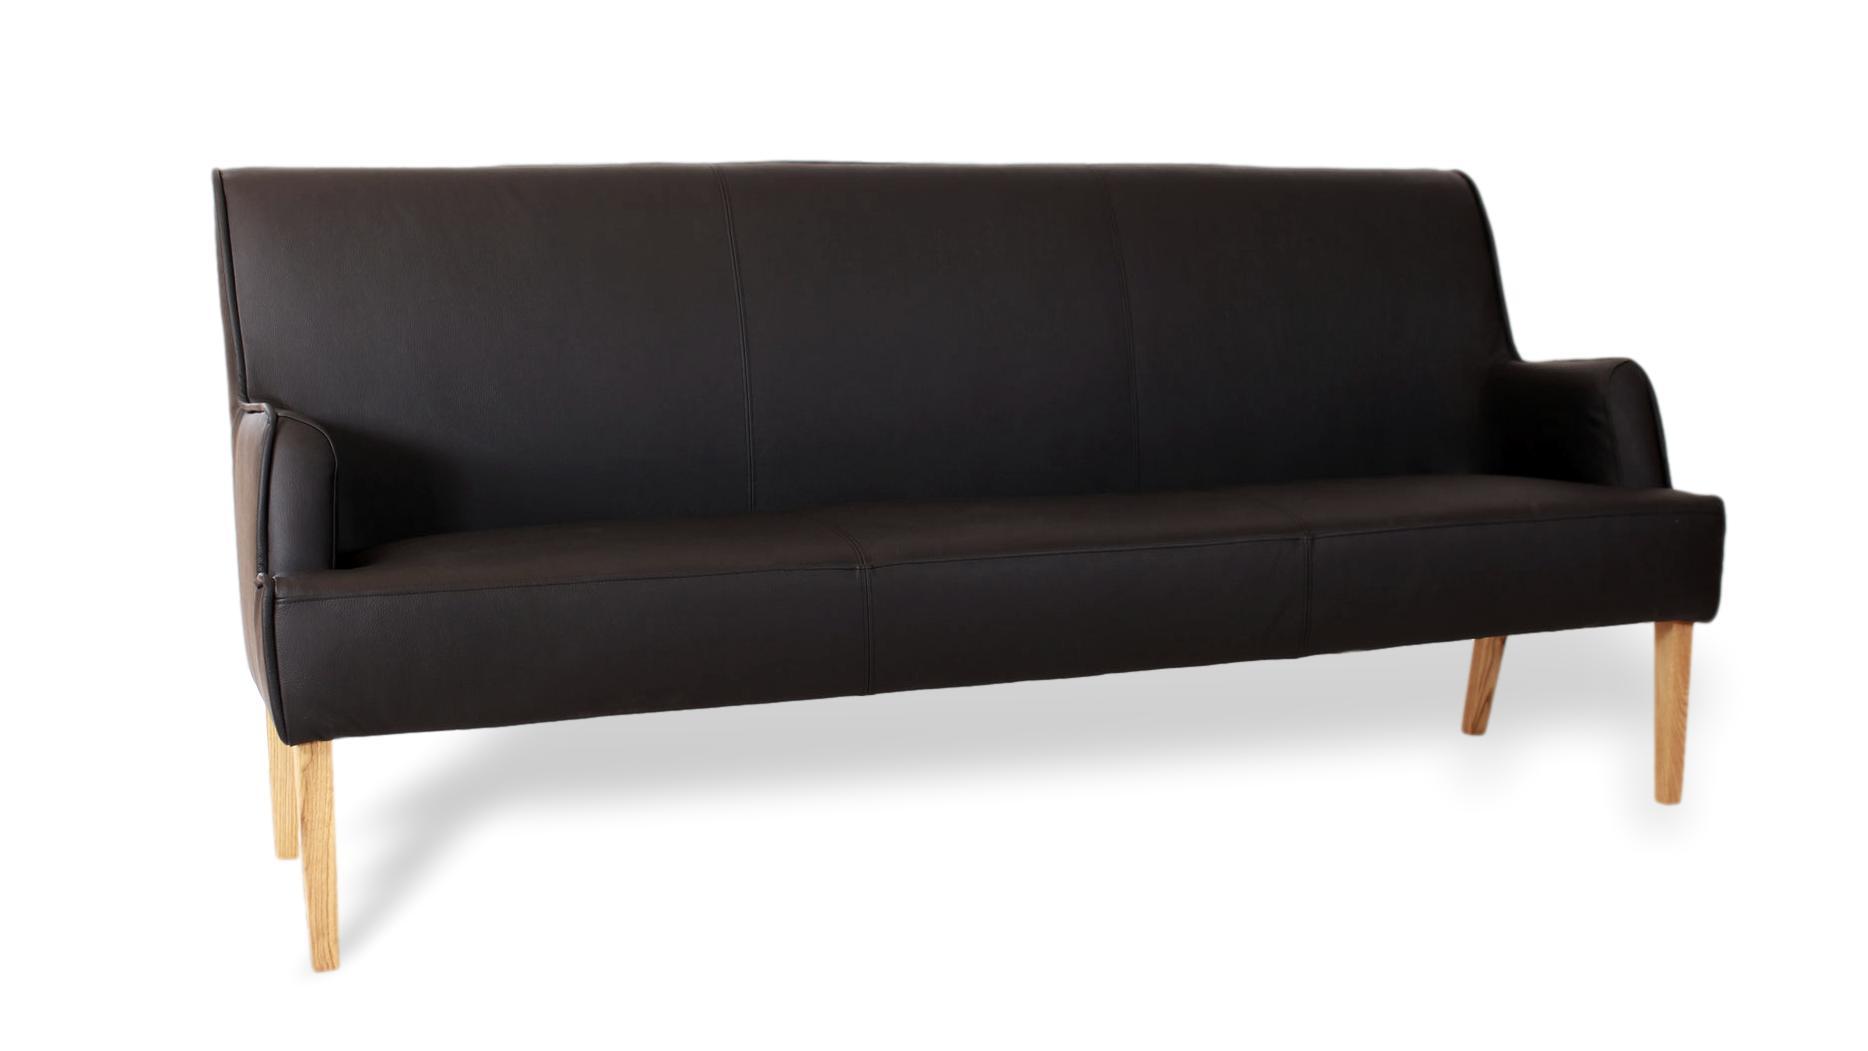 bequeme Sitzbank für esszimmer und küche mit hoher lehne aus leder und massivholz